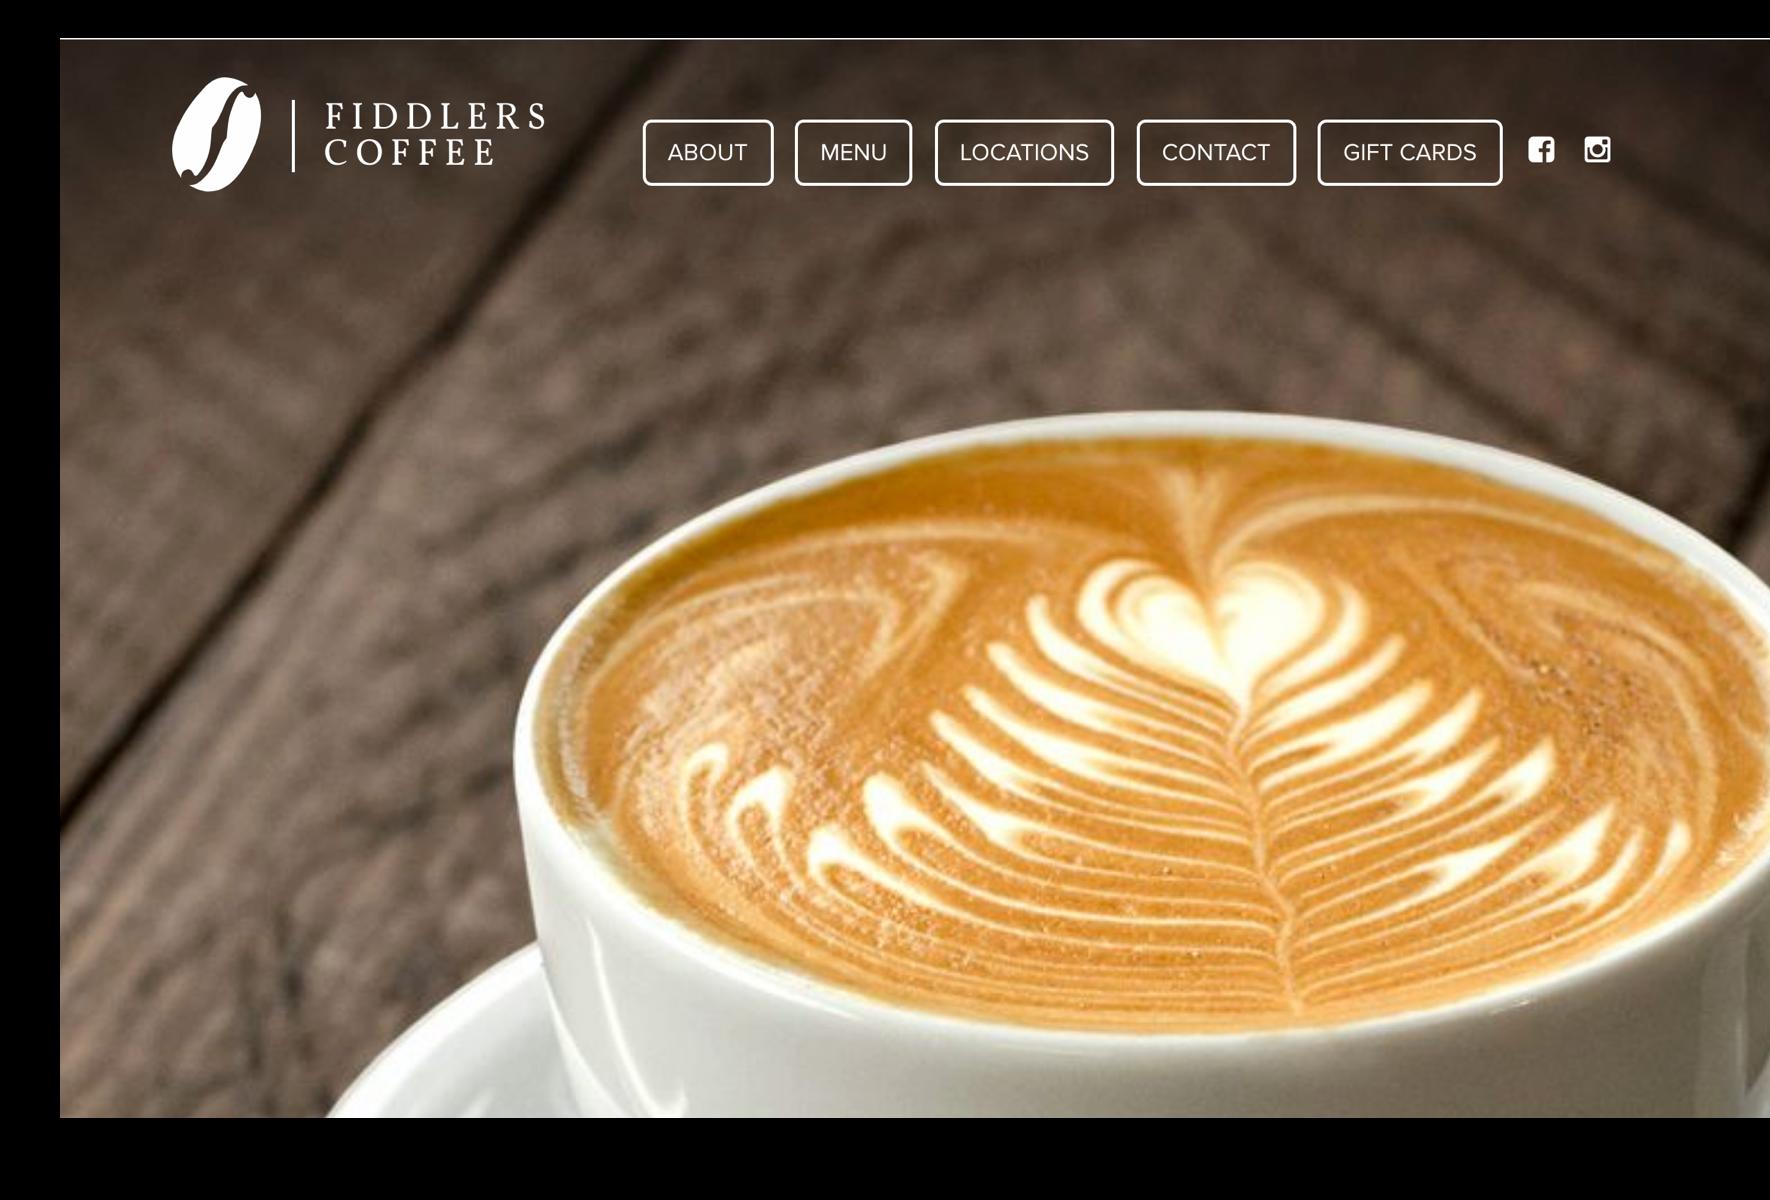 Fiddlers Coffee Website